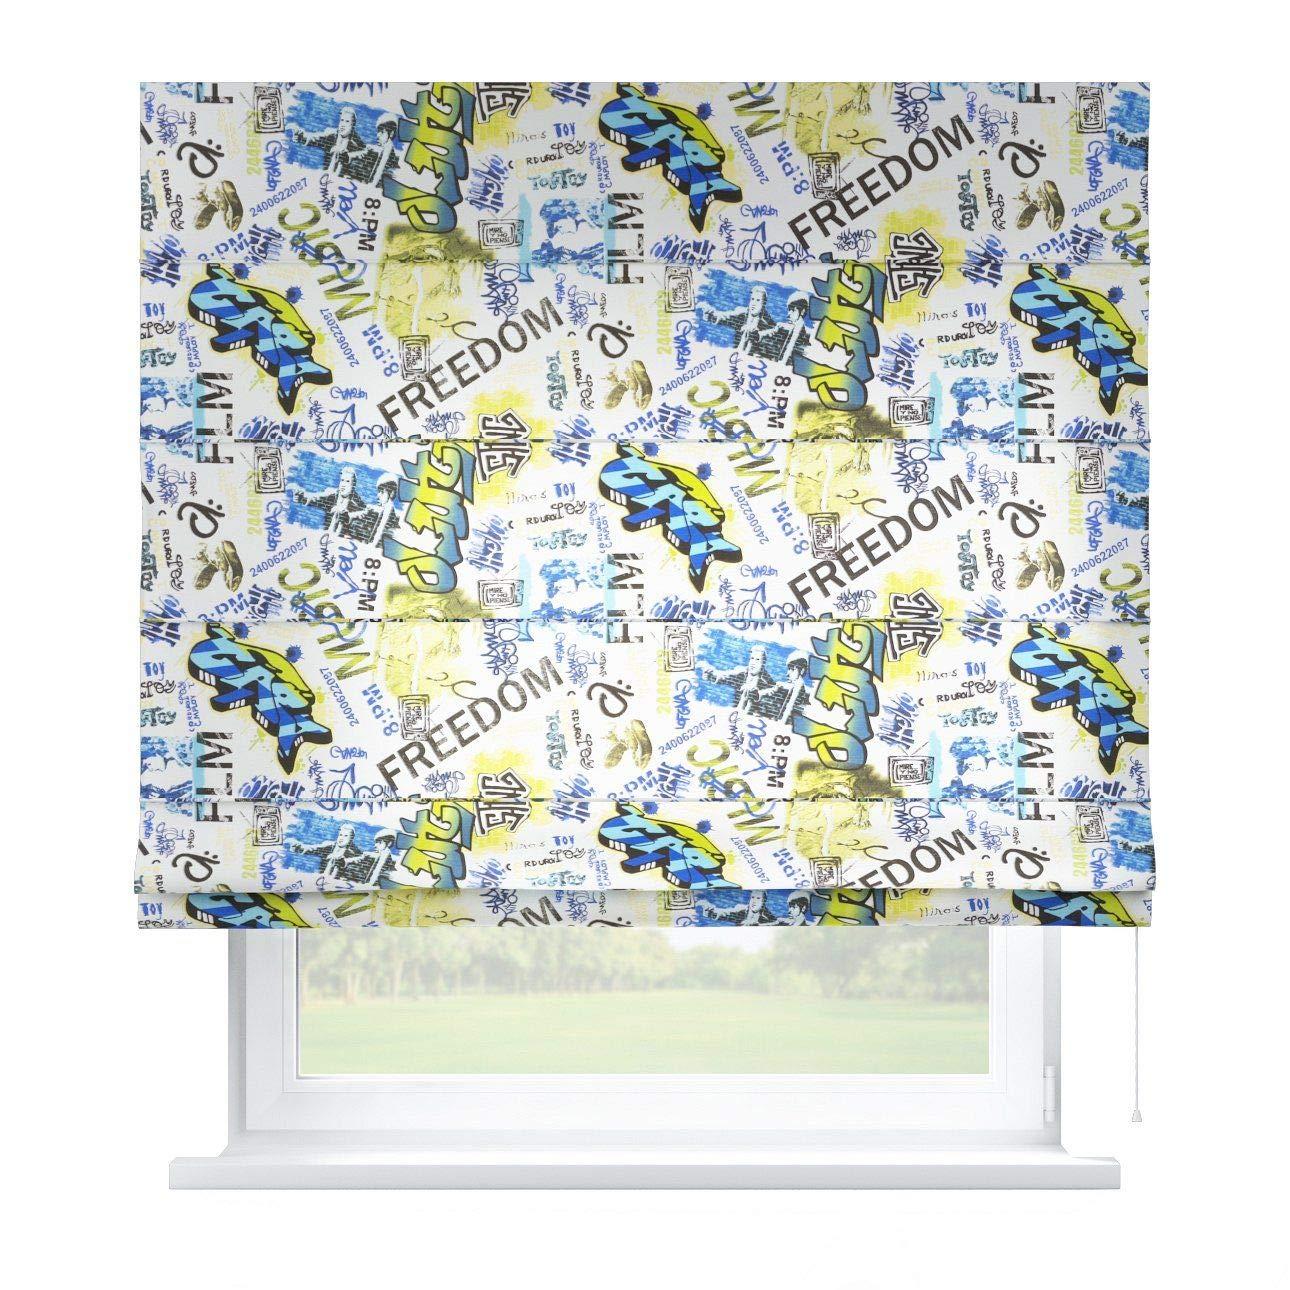 Dekoria Raffrollo Capri ohne Bohren Blickdicht Faltvorhang Raffgardine Wohnzimmer Schlafzimmer Kinderzimmer 130 × 170 cm blau Raffrollos auf Maß maßanfertigung möglich